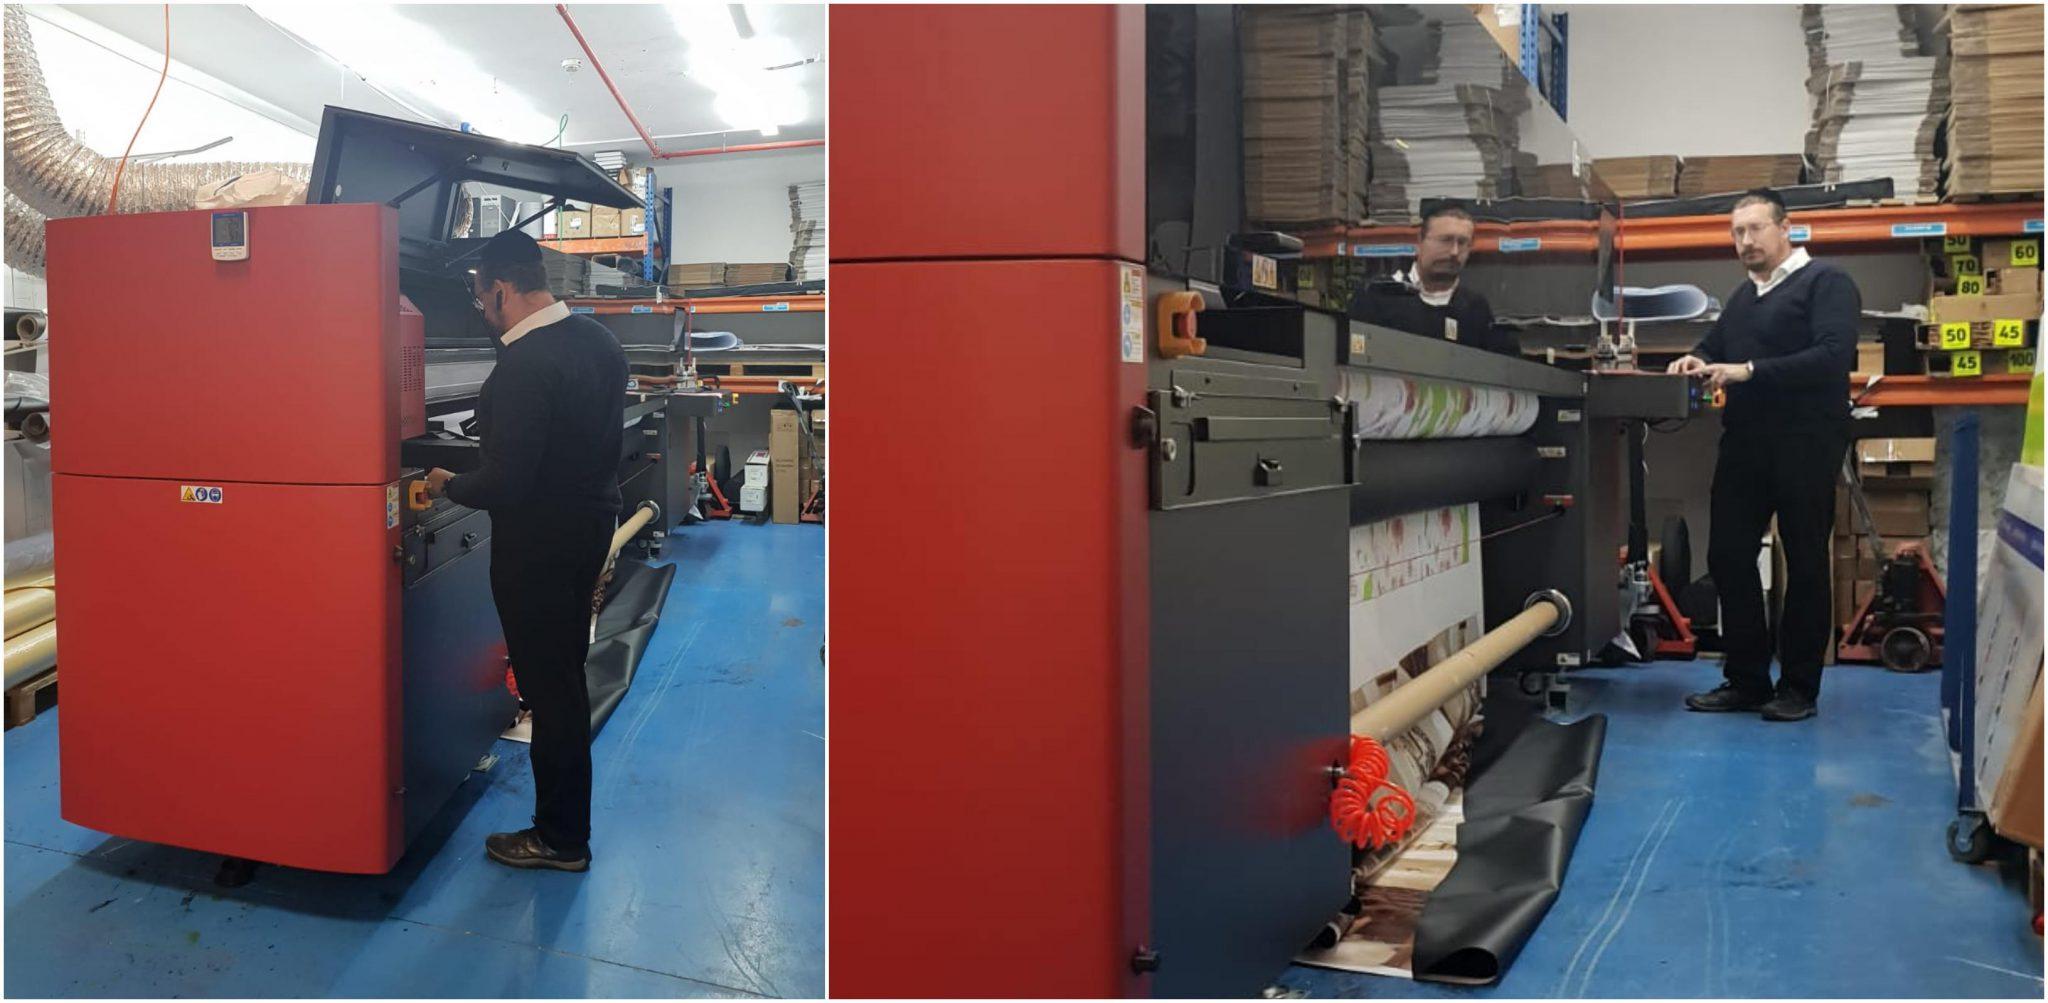 לראשונה בישראל: מכונת דפוס חדשנית ומתקדמת נחתה בדטה פרינט 1